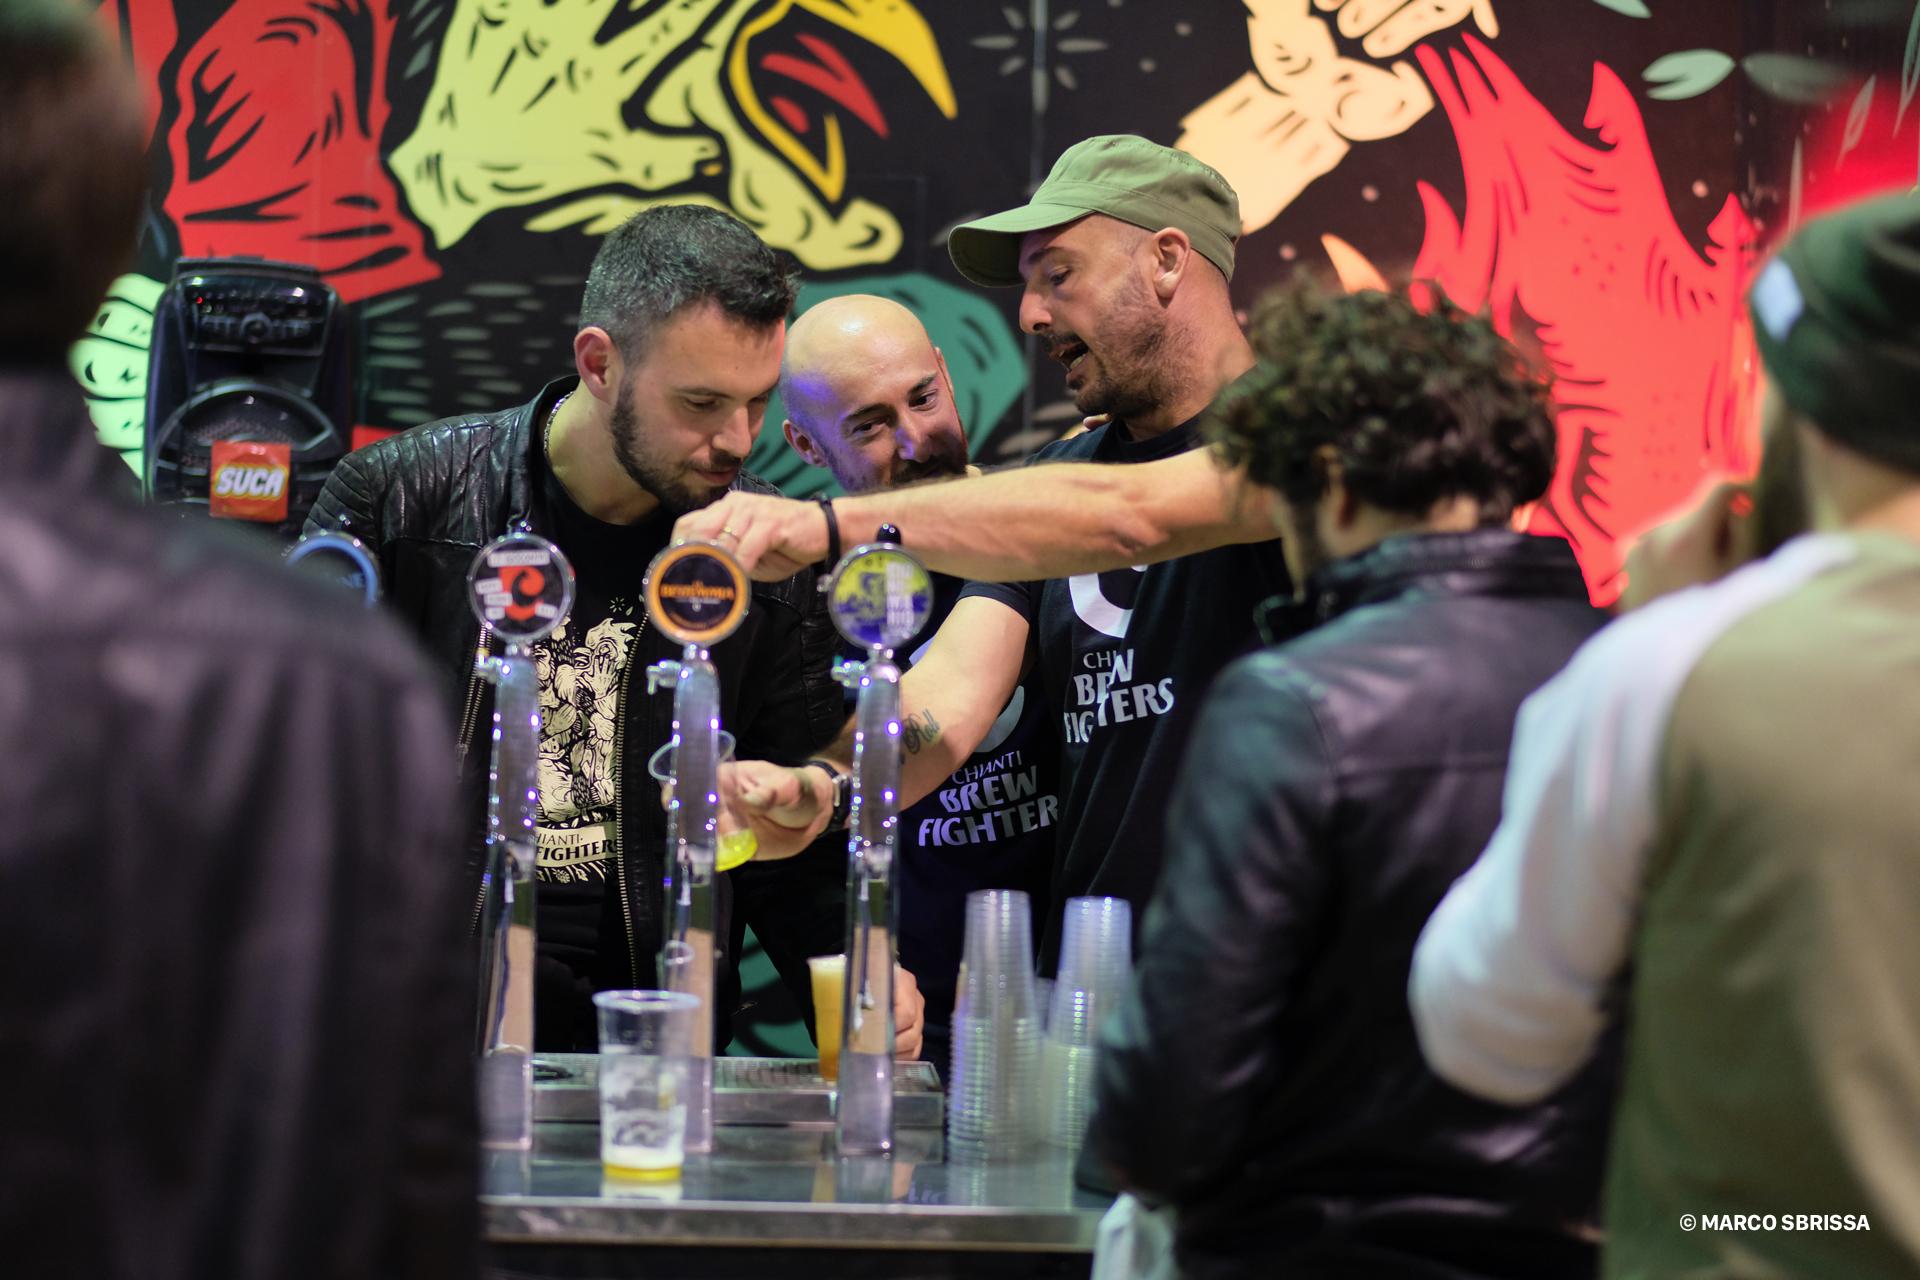 Il Pordenone Beer Show si prepara per un altro fine settimana fra birrifici, beertour, gastronomie di qualità e tanta musica e divertimento